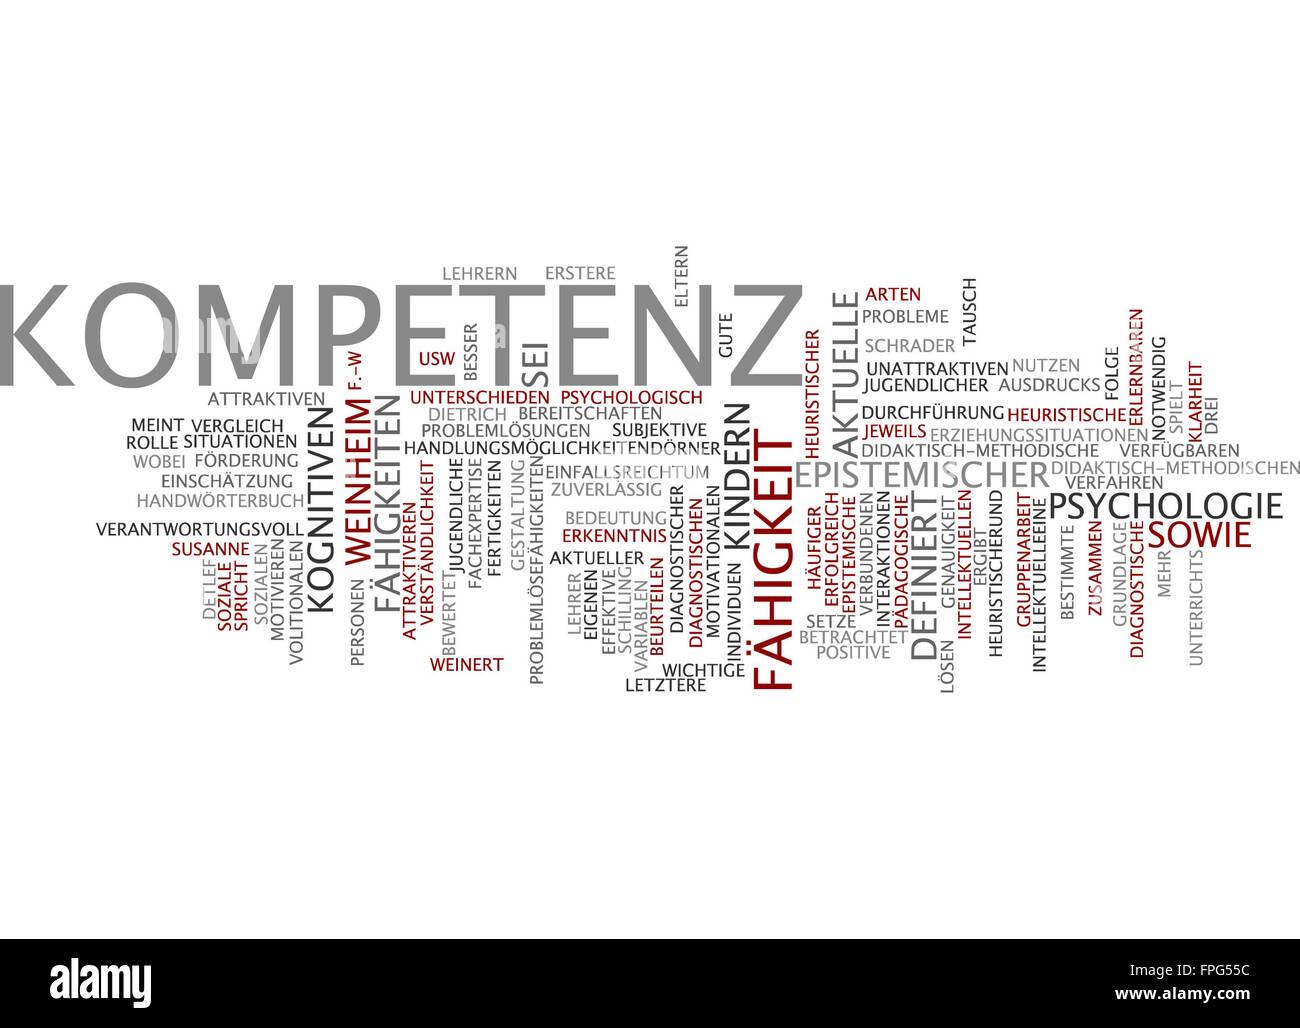 Kompetenz psychologie fähigkeit fähigkeiten Stock Photo